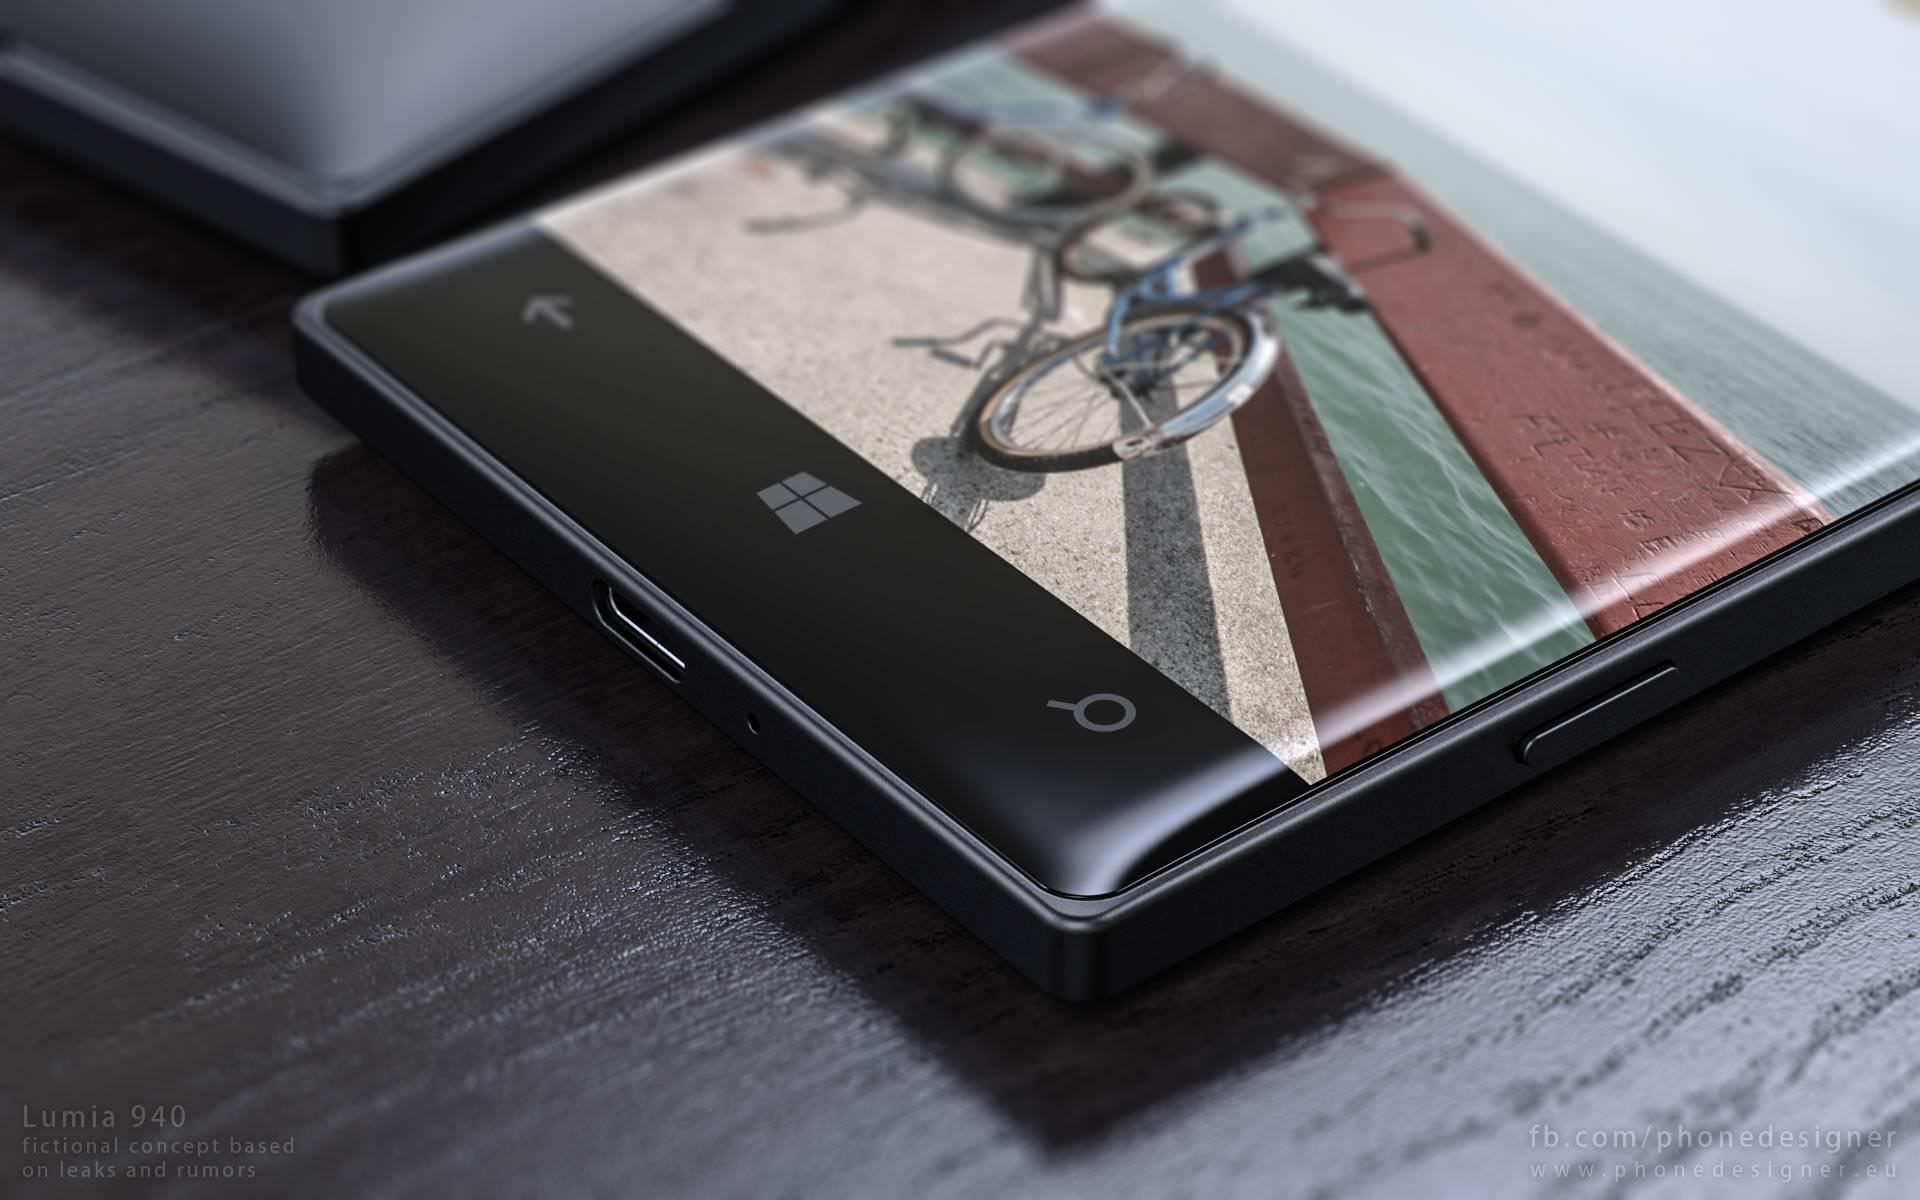 lumia-940-concept-8